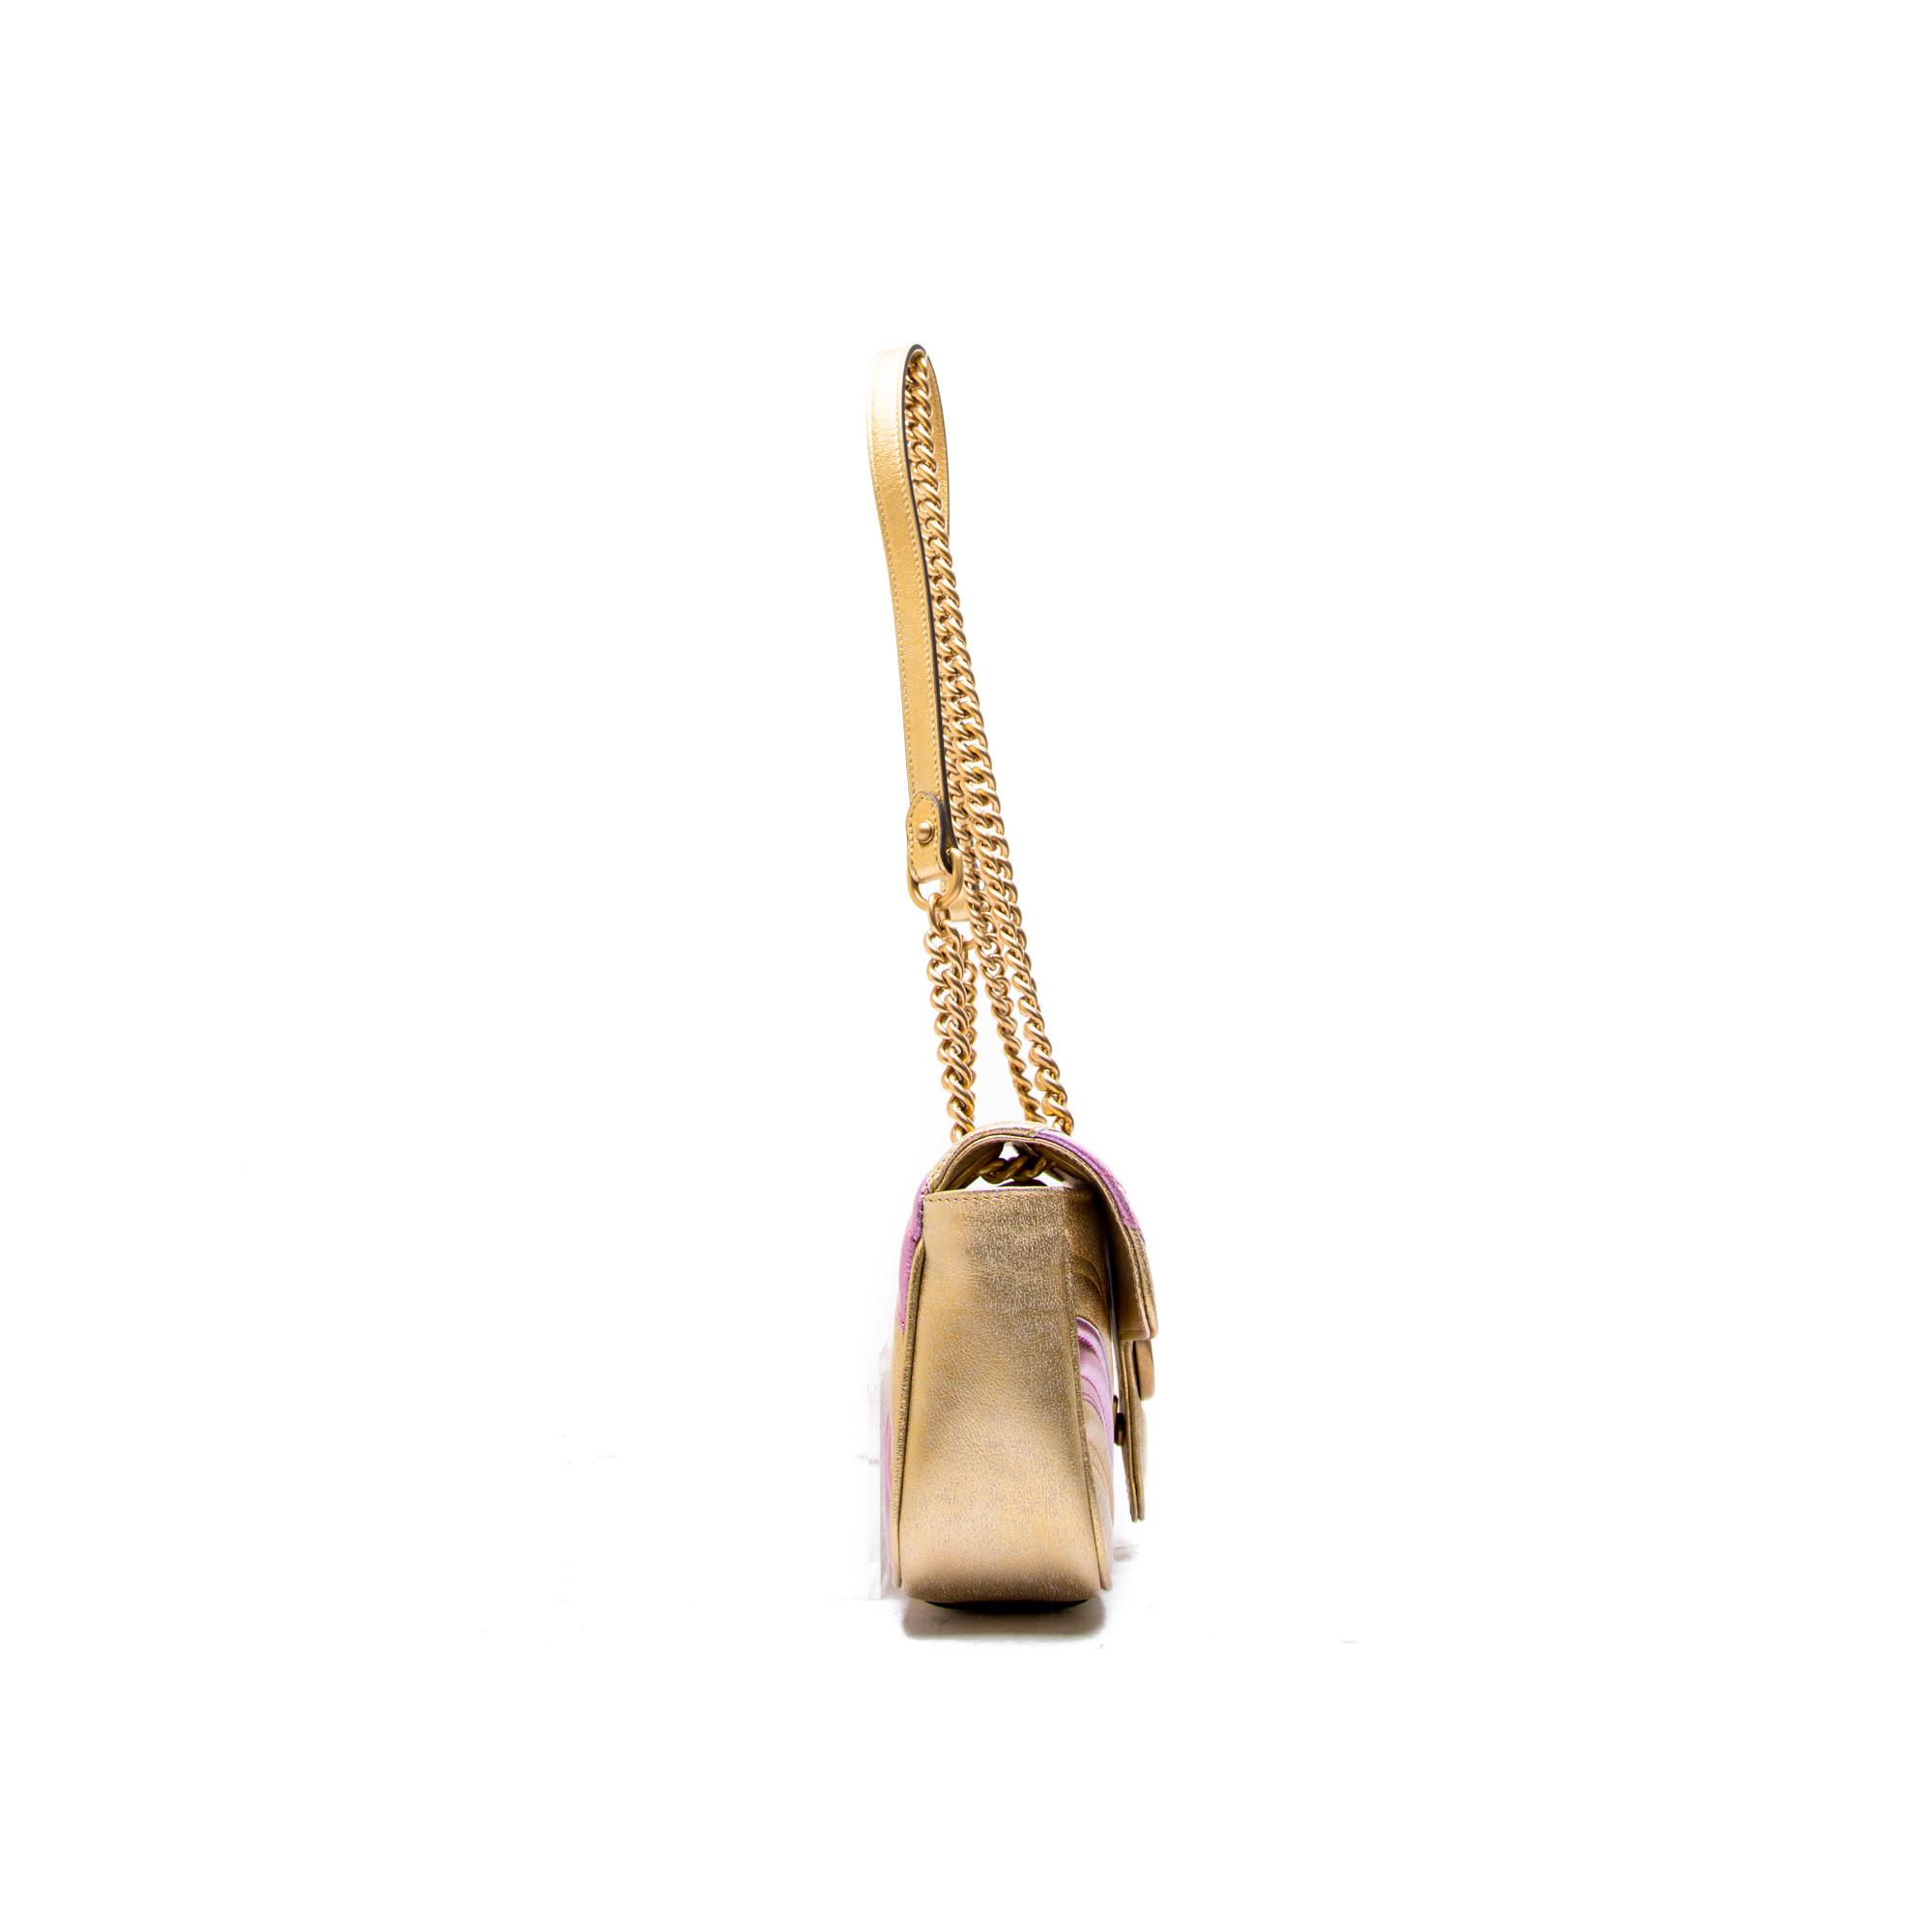 6431eeb2a15d01 ... Gucci handbag gg marmont Gucci handbag gg marmont - www.derodeloper.com  - Derodeloper ...